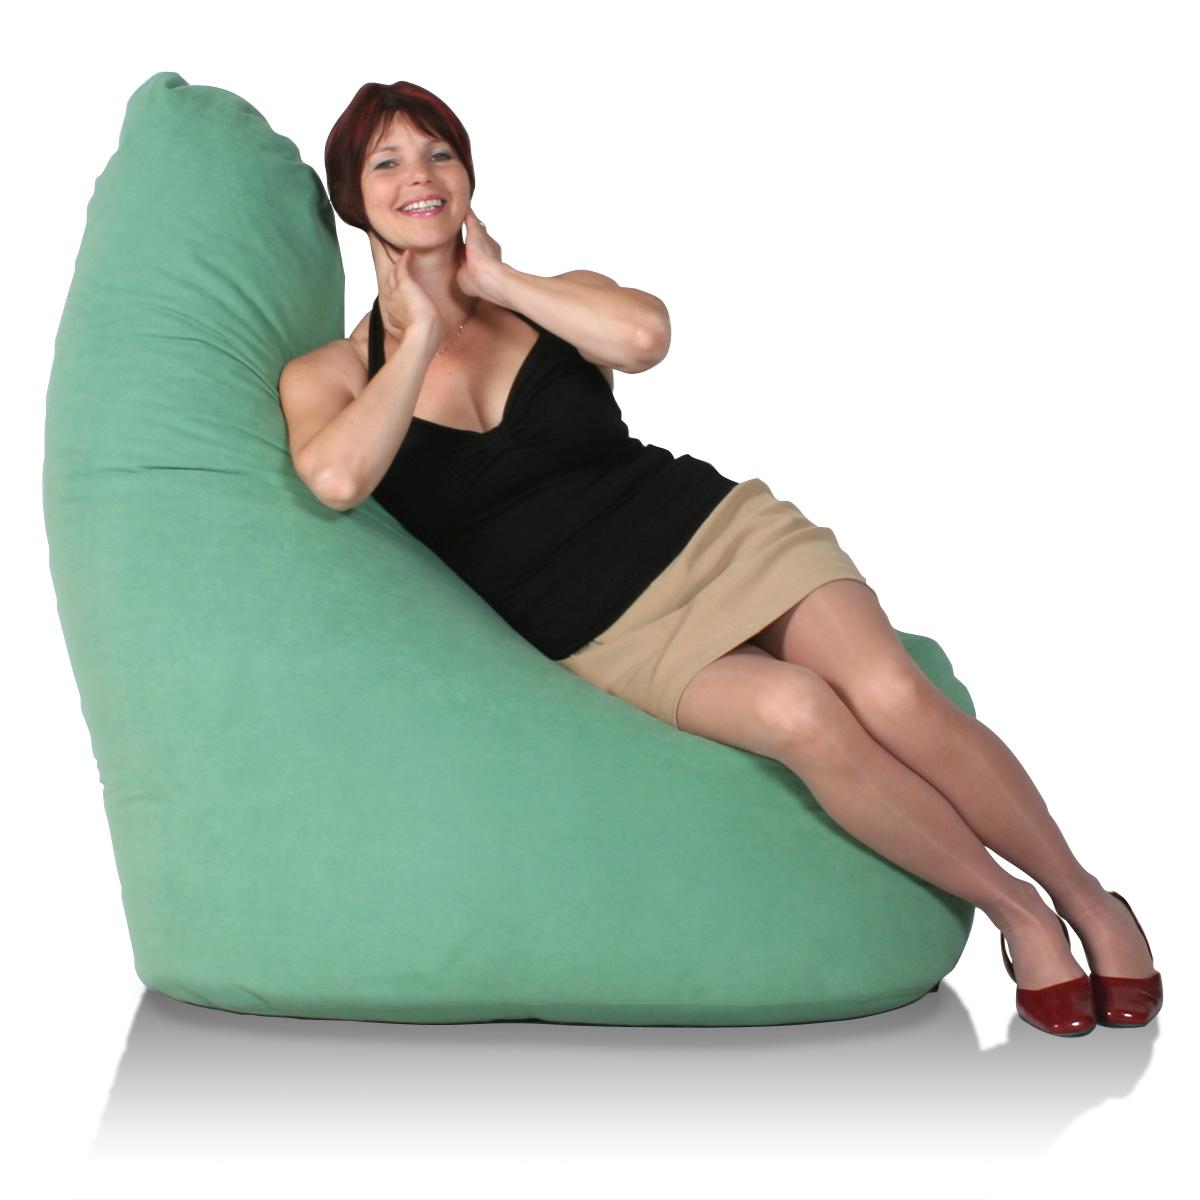 Riesiger Lounge Sitzsack gruen mit Rückenlehne